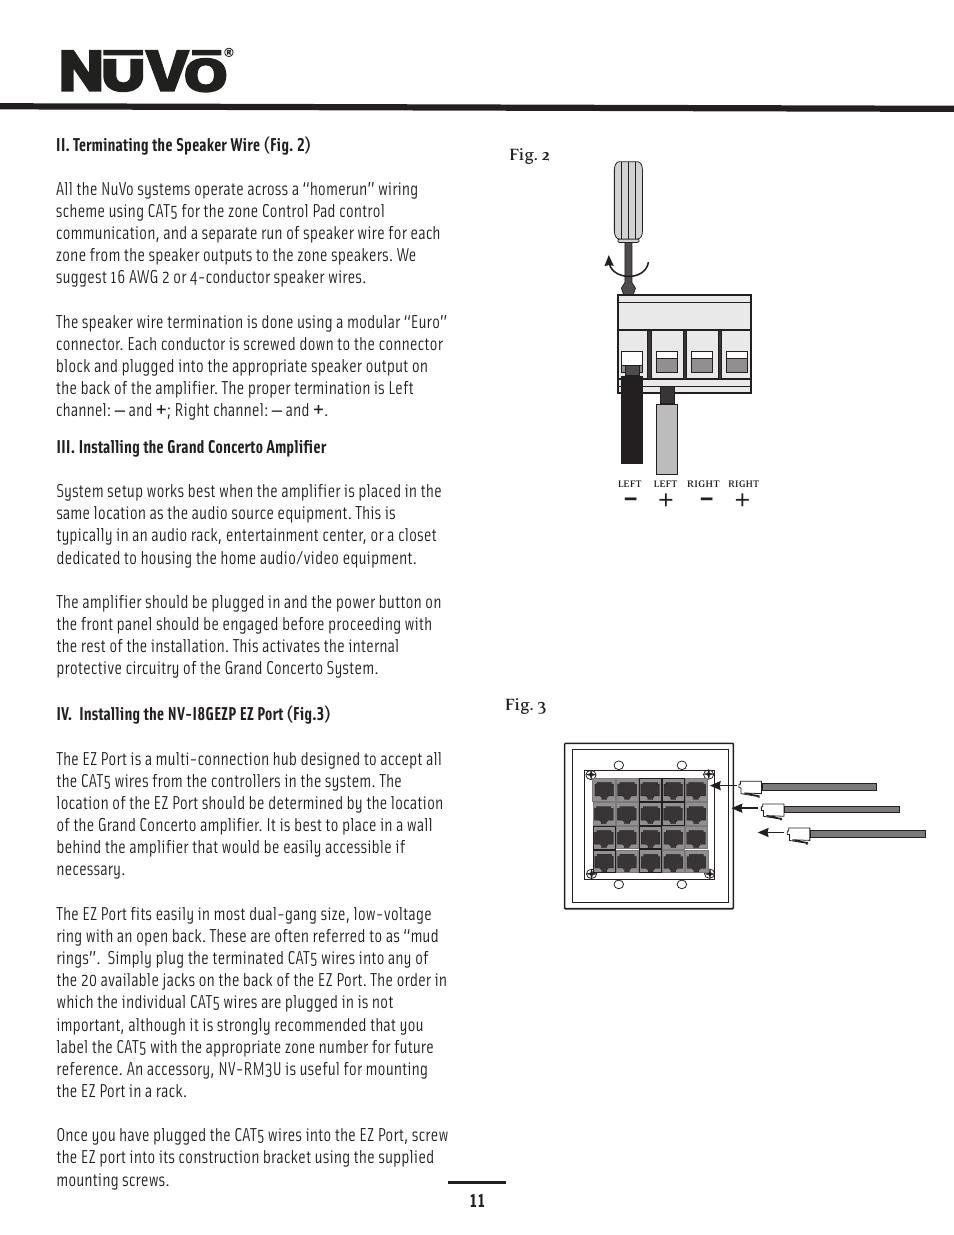 medium resolution of nuvo essentia nv e6gxs user manual page 15 48 also fornuvo essentia nv e6gxs user manual